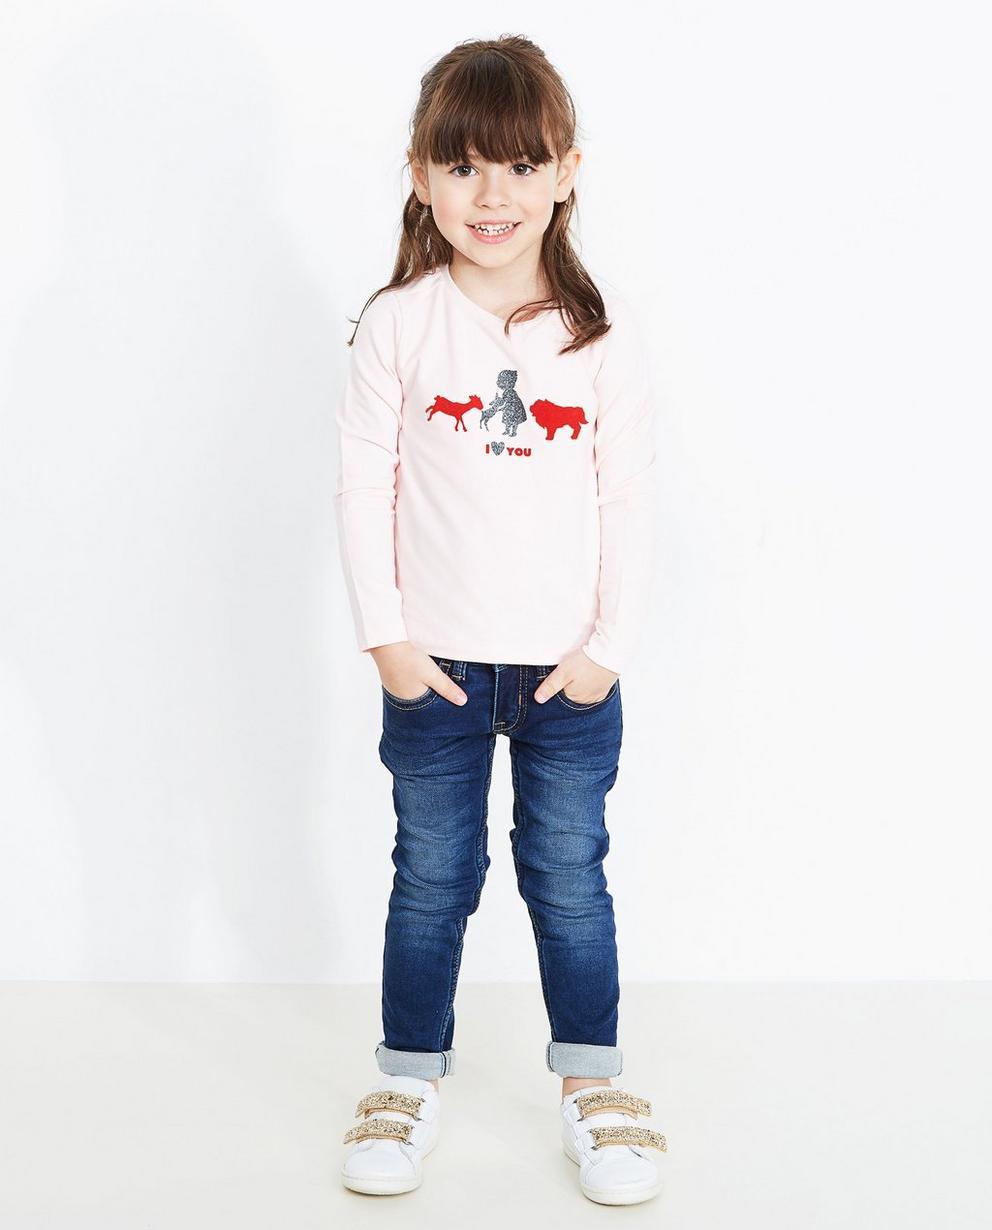 T-shirt à manches longues - rose pâle, imprimé, Heidi - Heidi